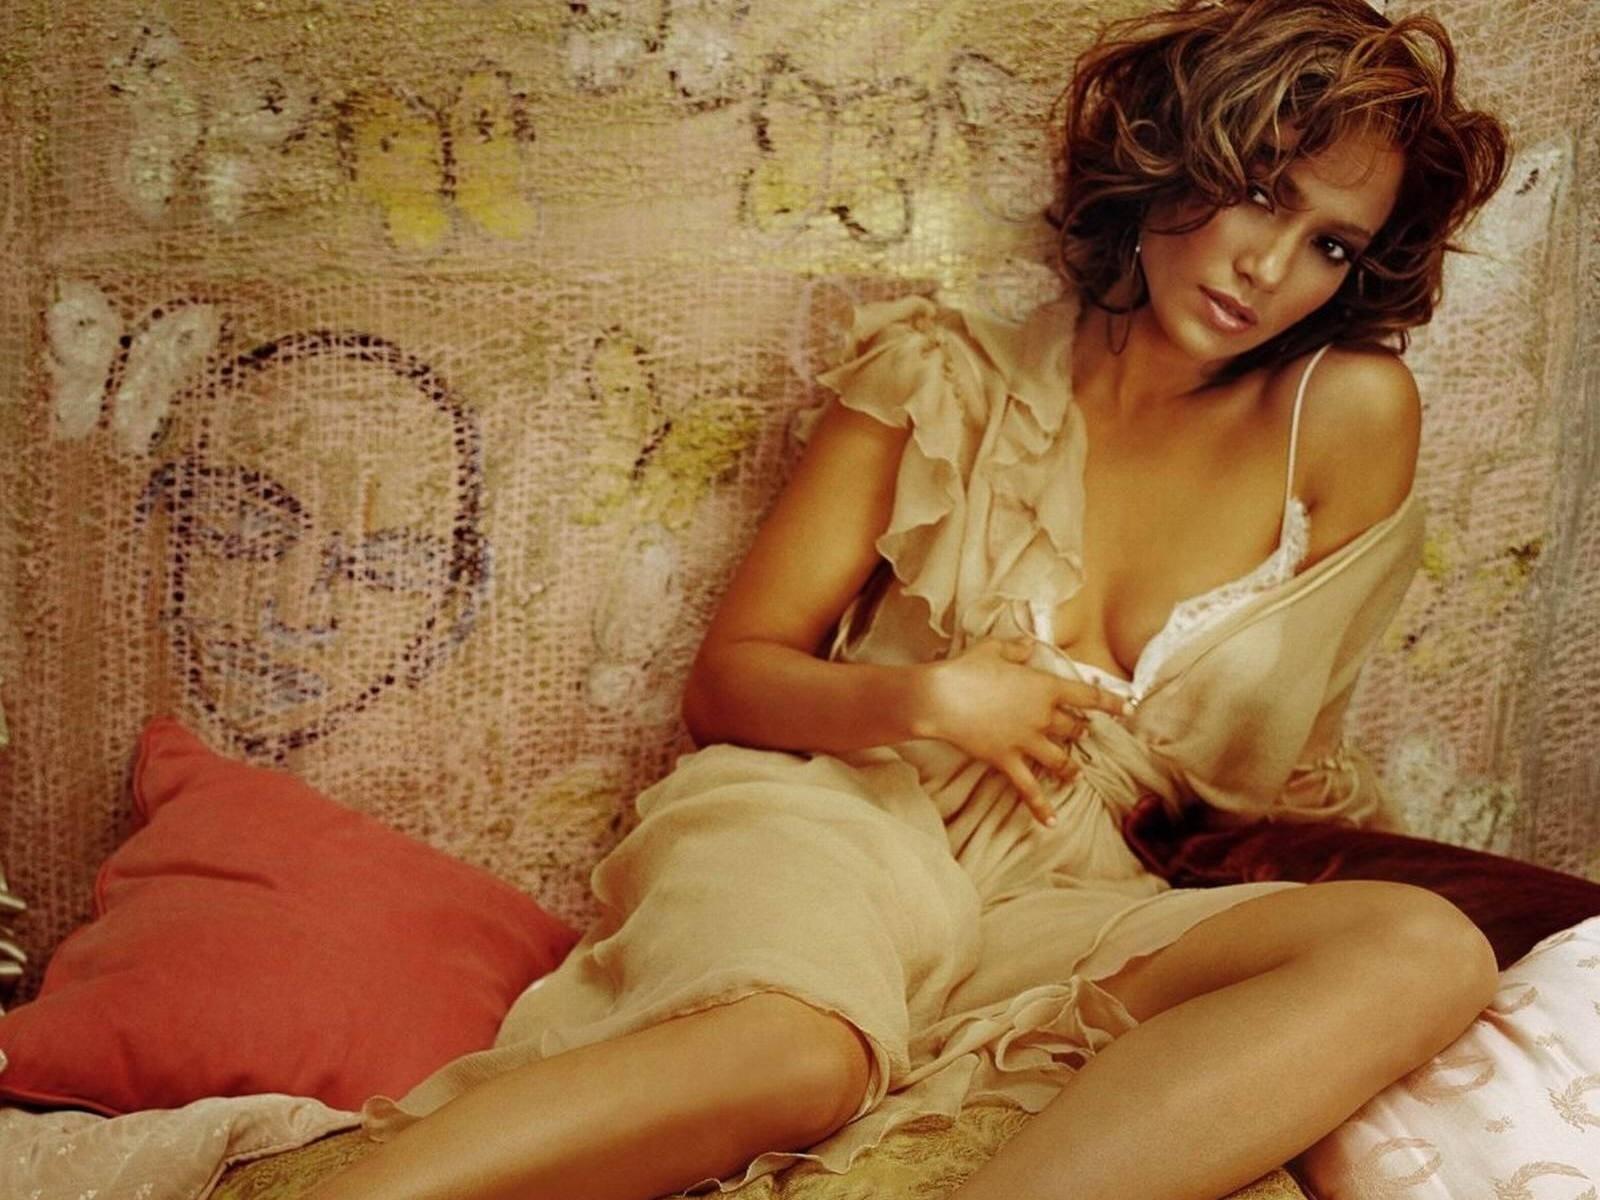 Wallpaper di Jennifer Lopez su uno sfondo accattivante